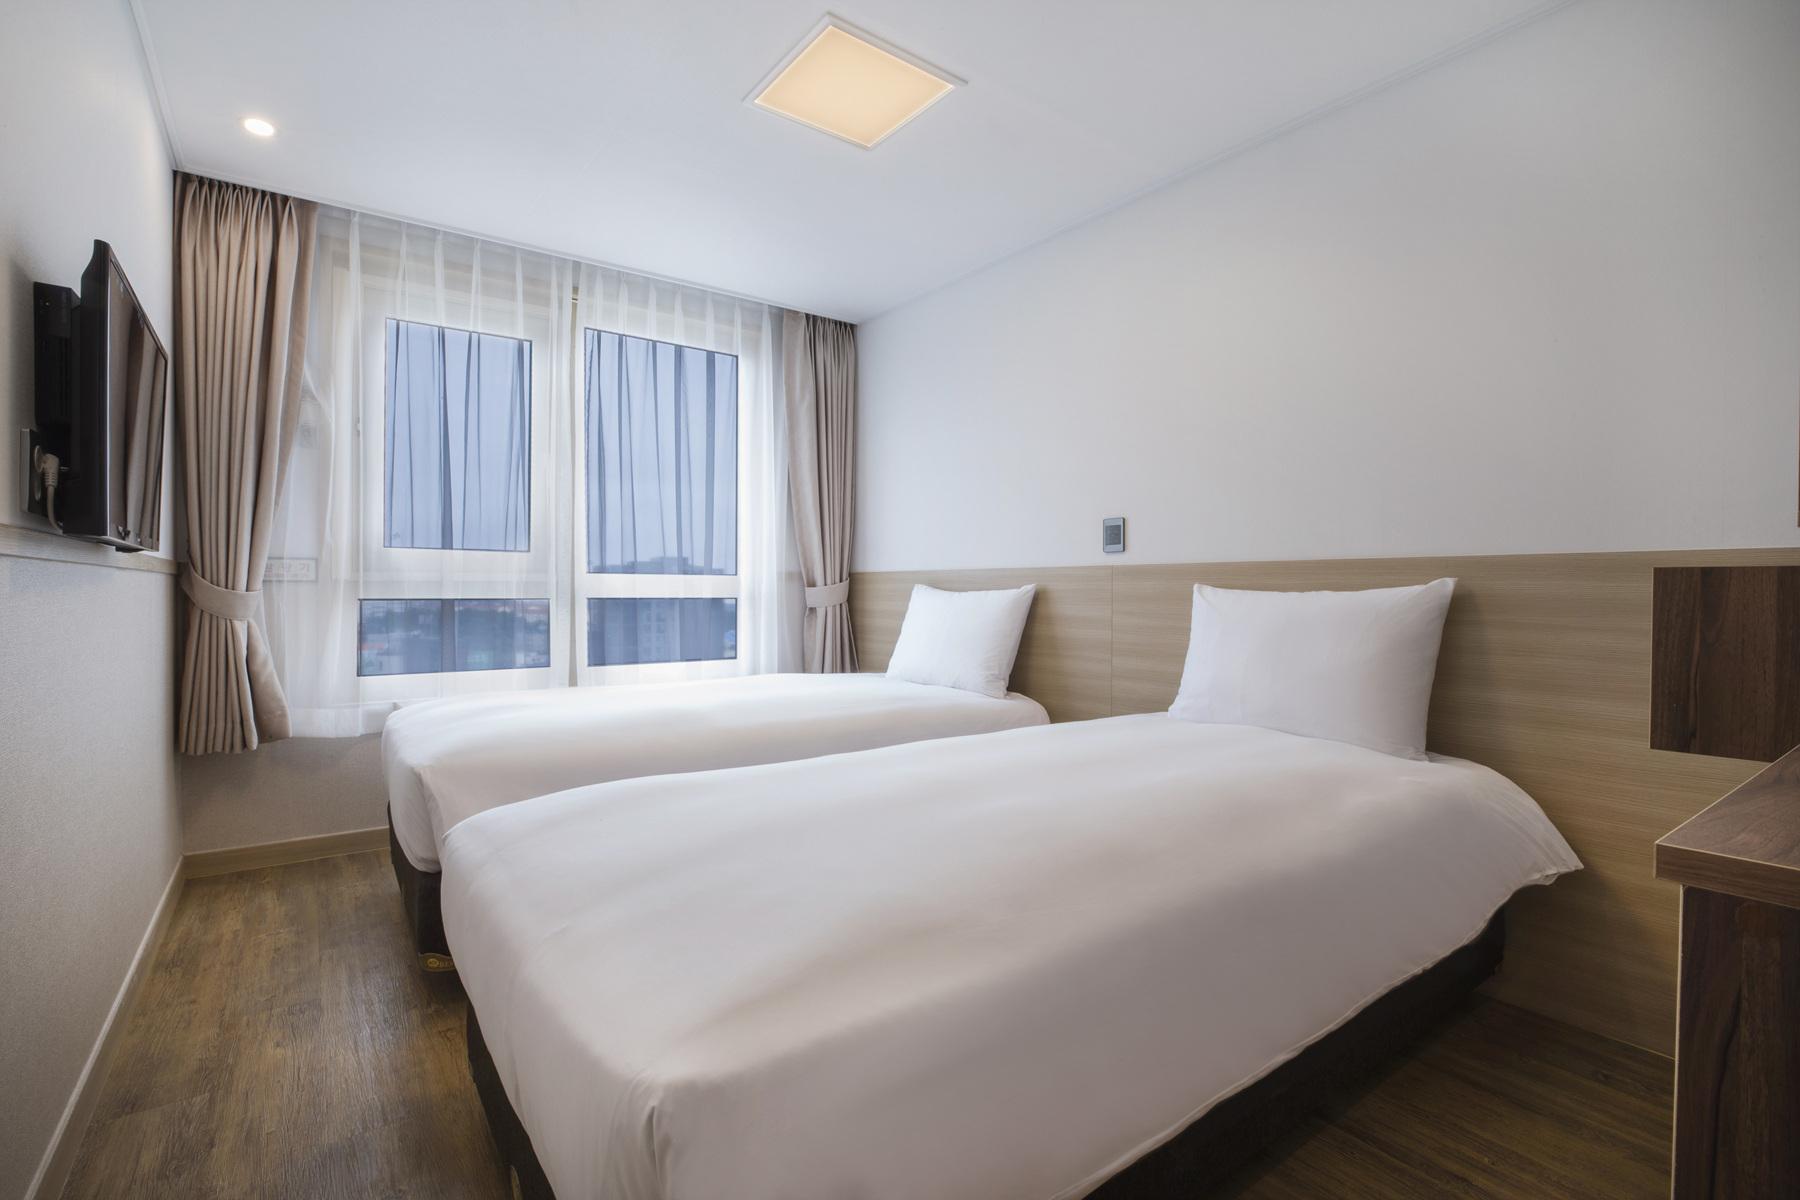 서귀포 케니스토리 인 호텔 썸네일4